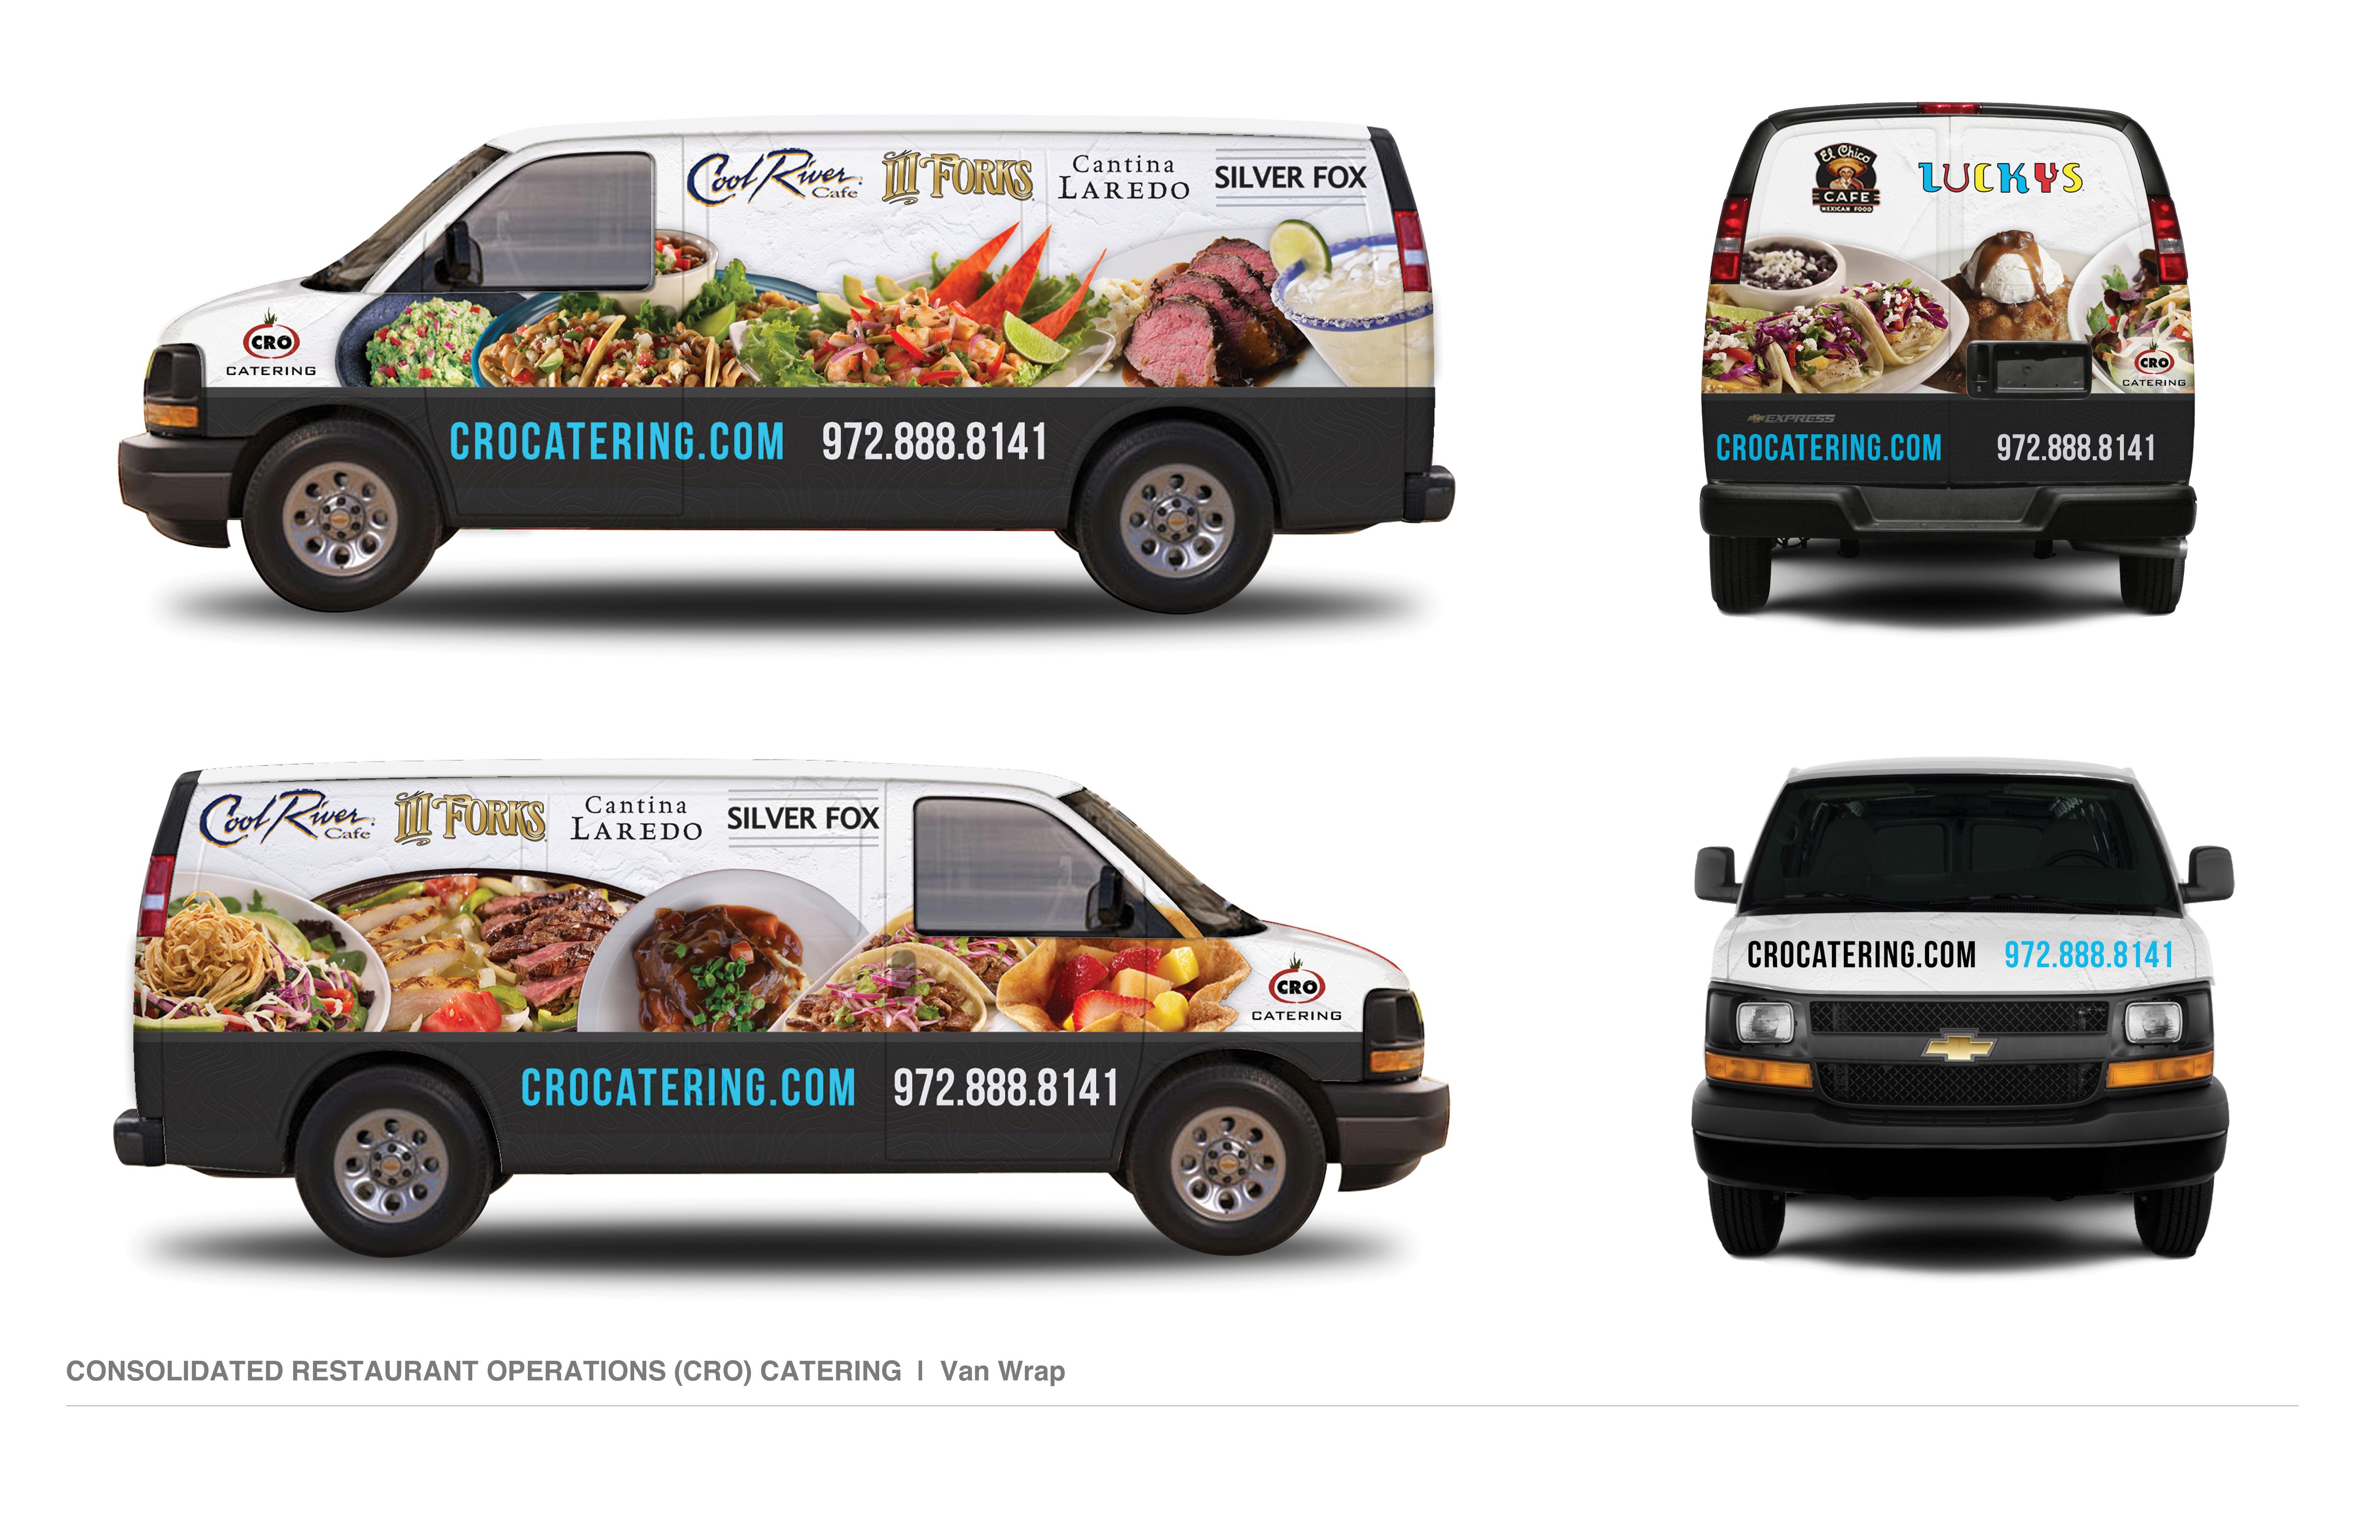 CRO Catering Van Wrap